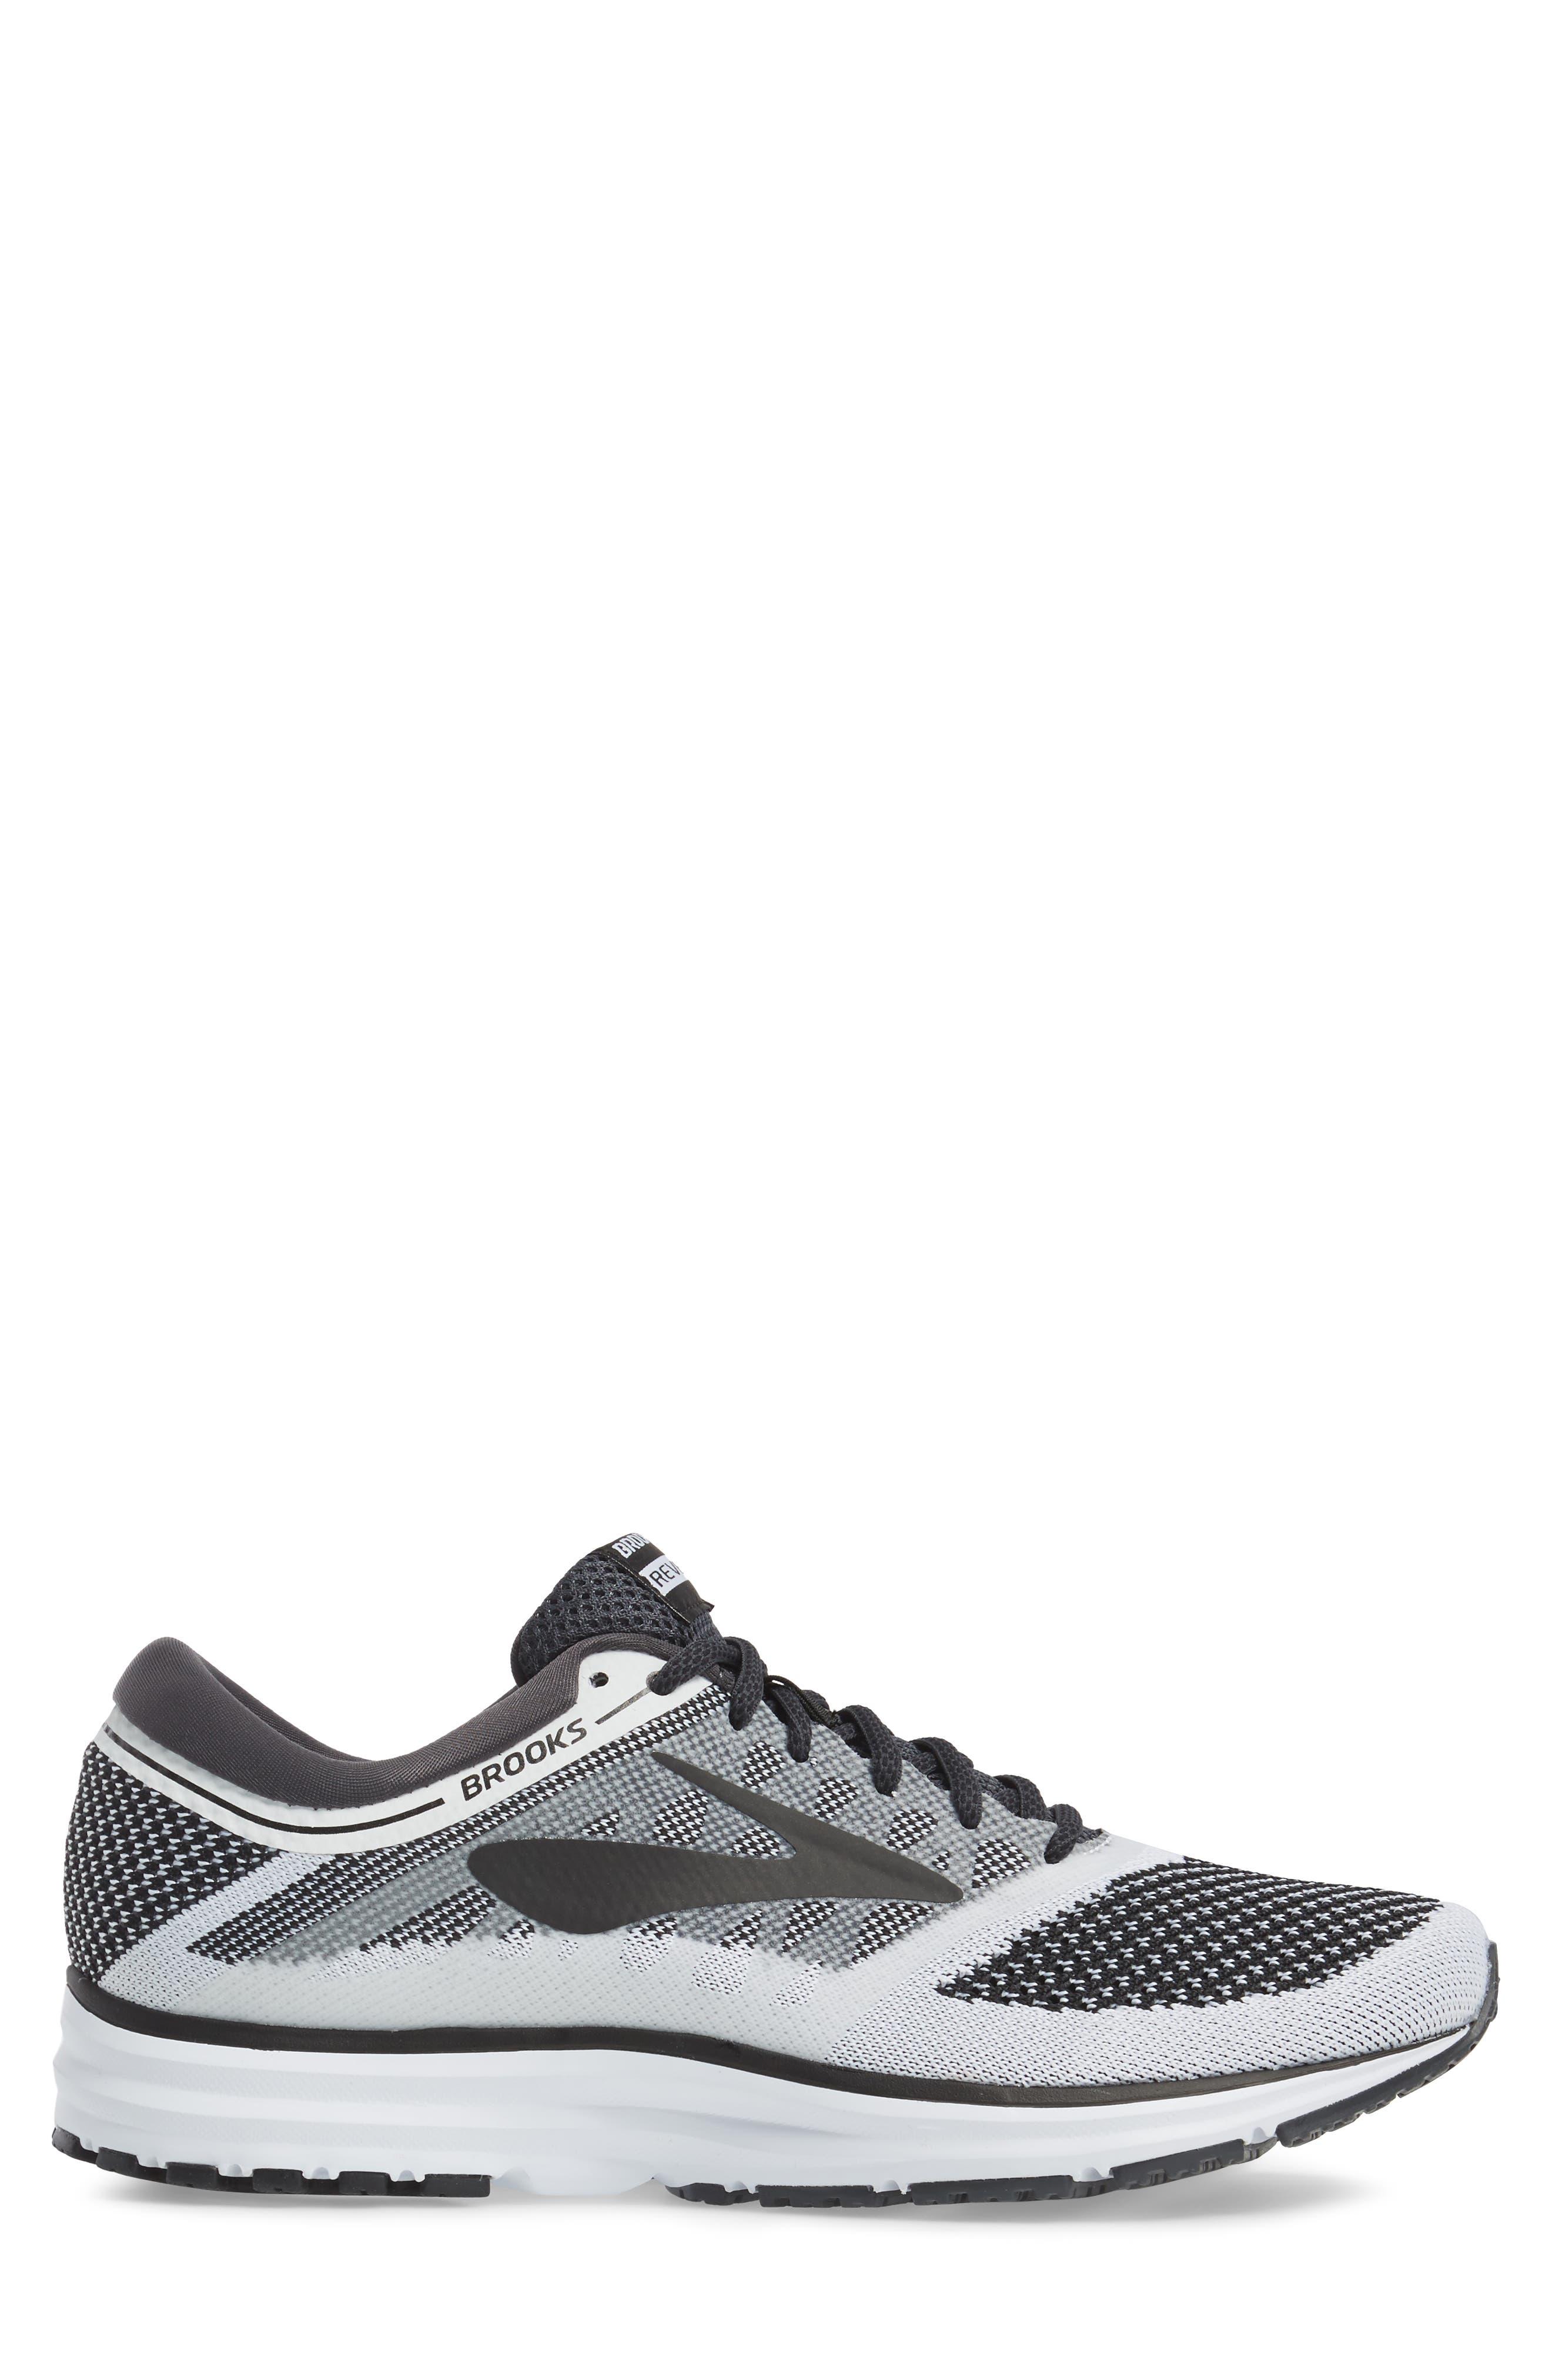 Revel Sneaker,                             Alternate thumbnail 3, color,                             White/ Anthracite/ Black